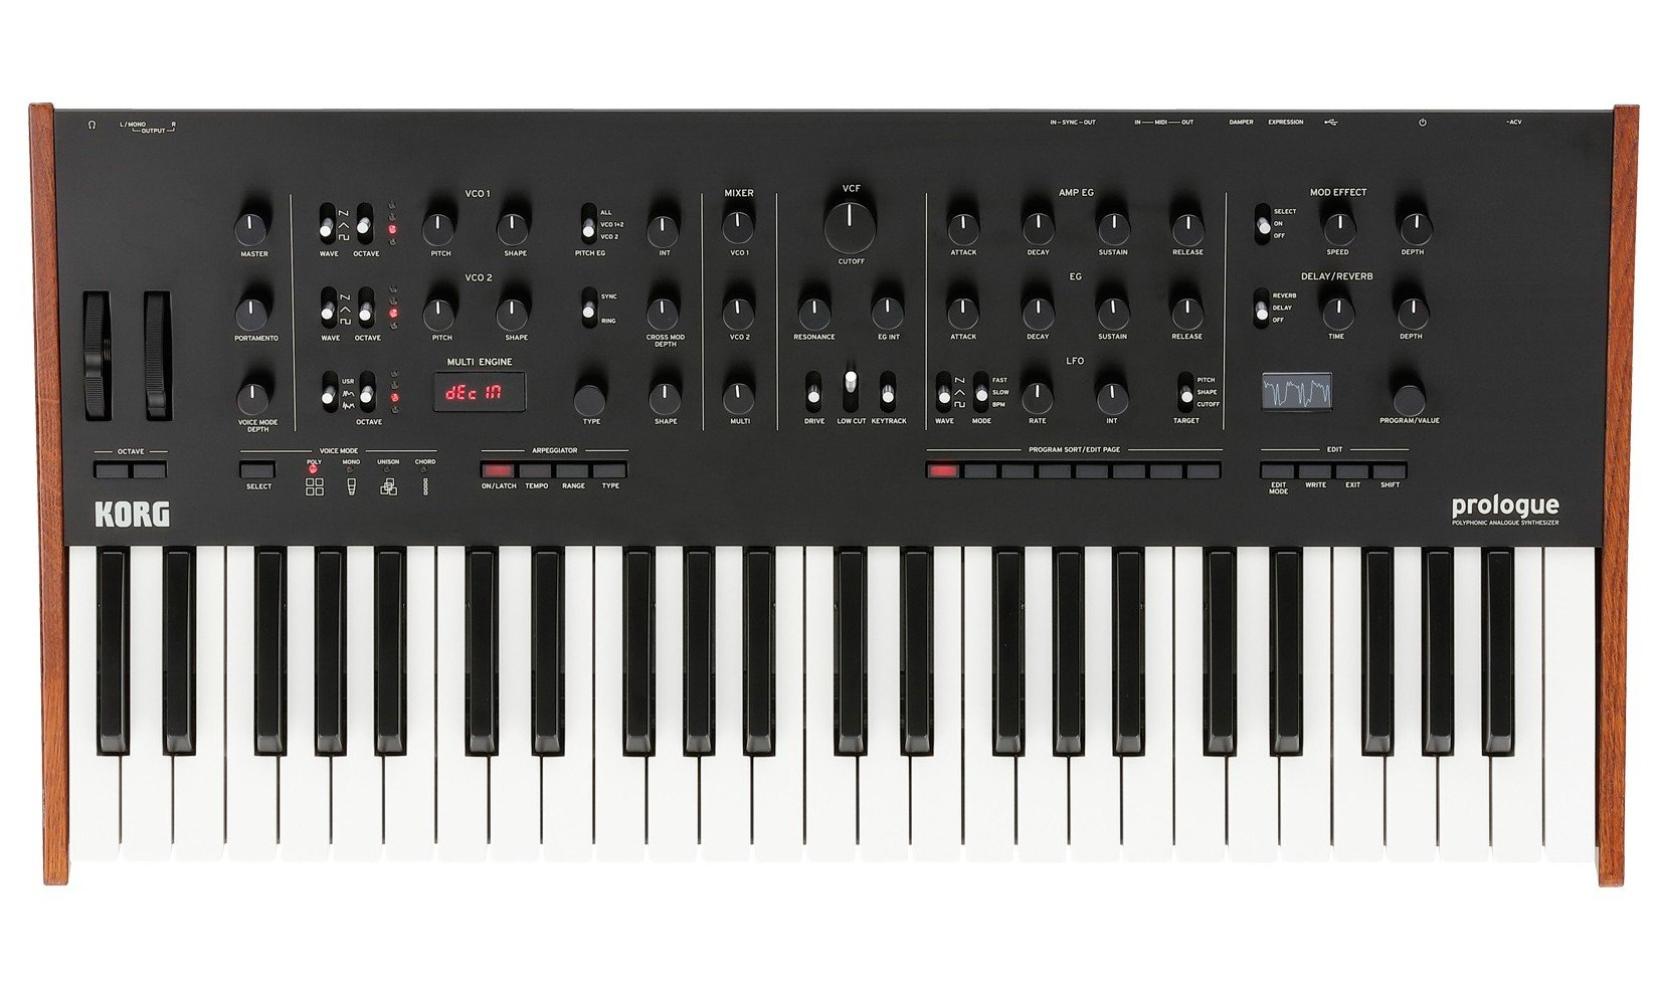 Синтезатор аналоговый Korg Prologue-8 (100021557000) - купить в ... 39429adbd77b2